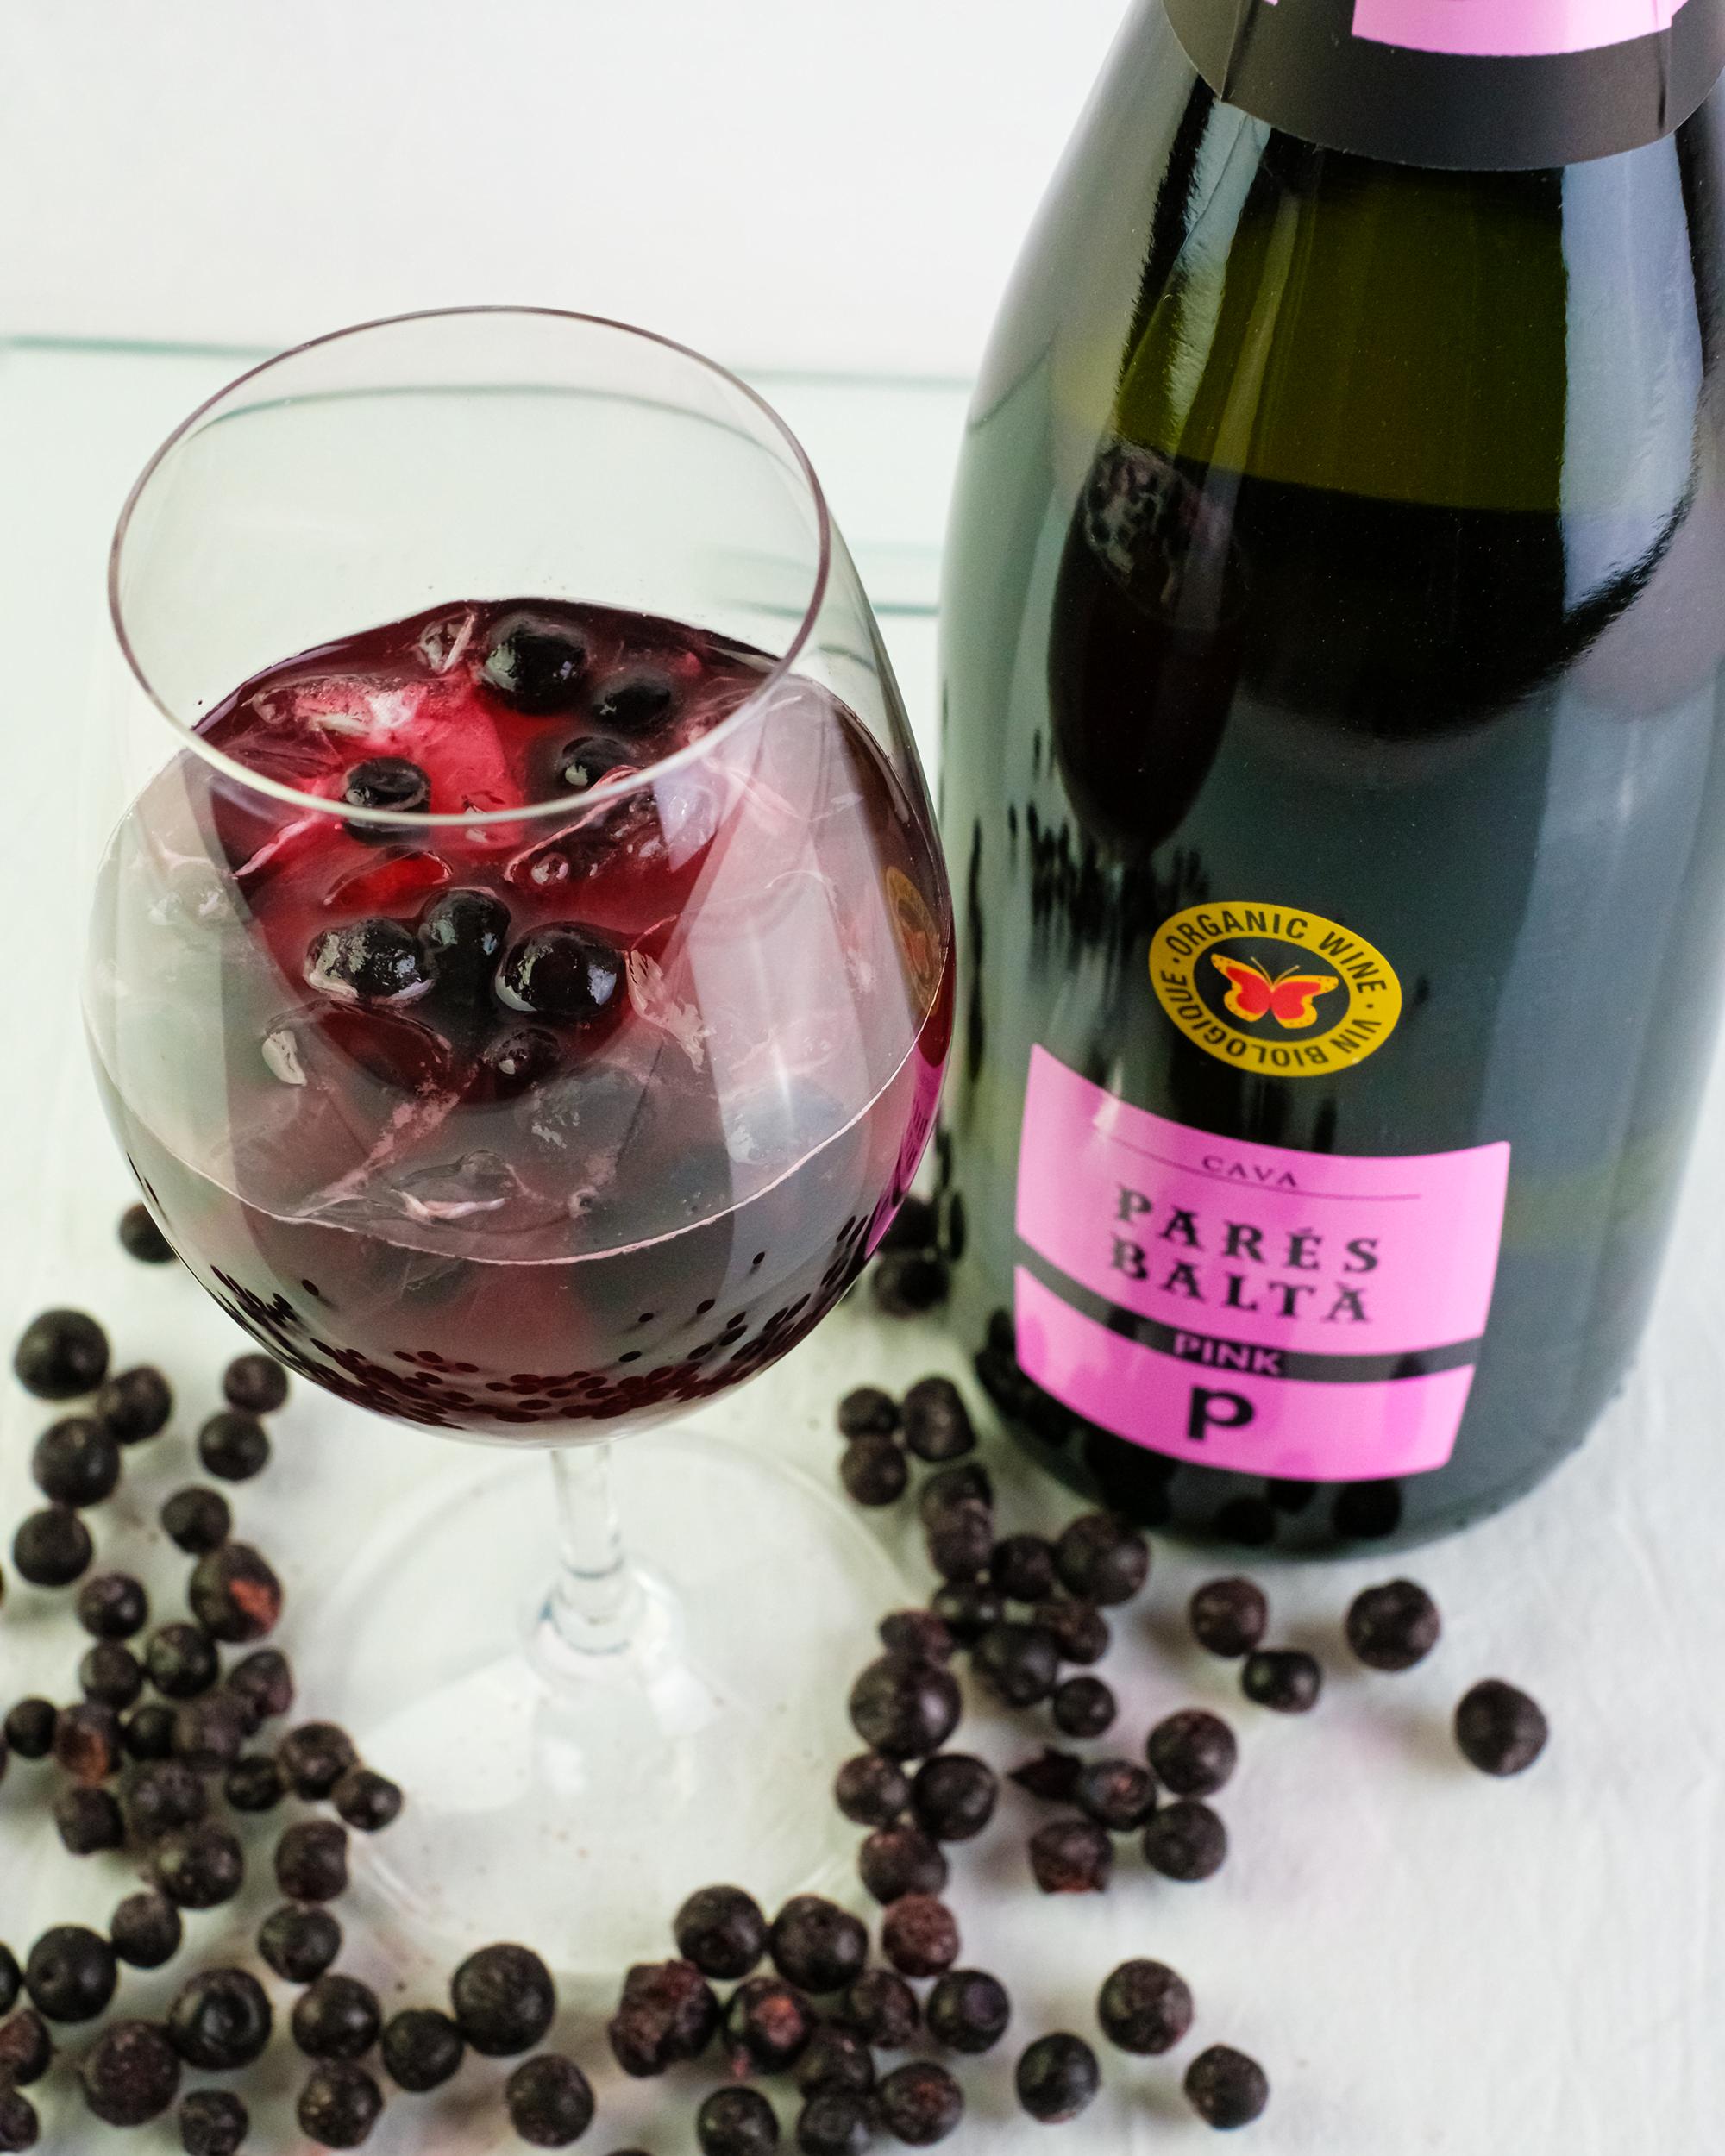 Pares Balta Pink Cava ja marjainen drinkki